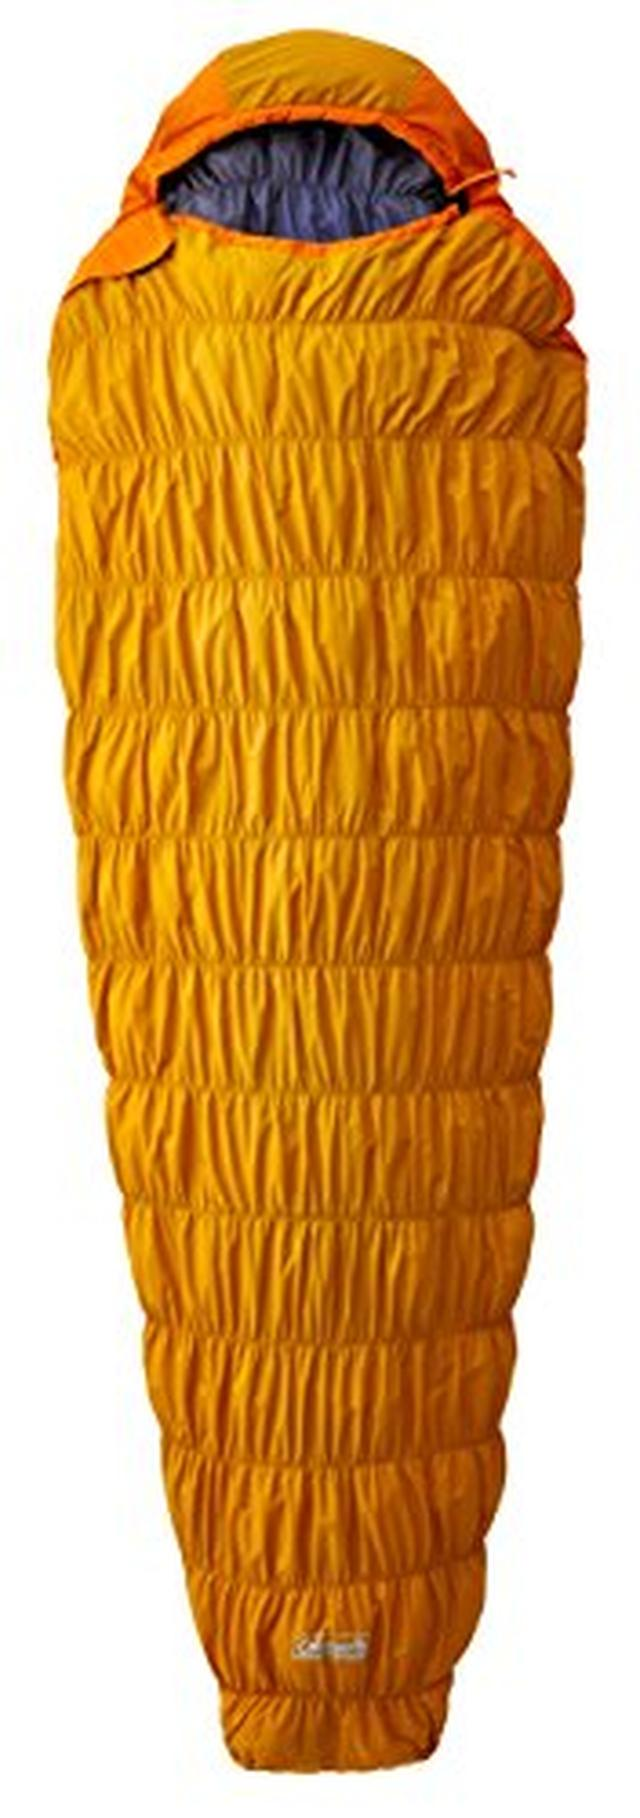 画像: 【楽天市場】コールマン 寝袋 トレックマミー/L-5 [使用可能温度-5度] 2000022262:グッドカンパニー